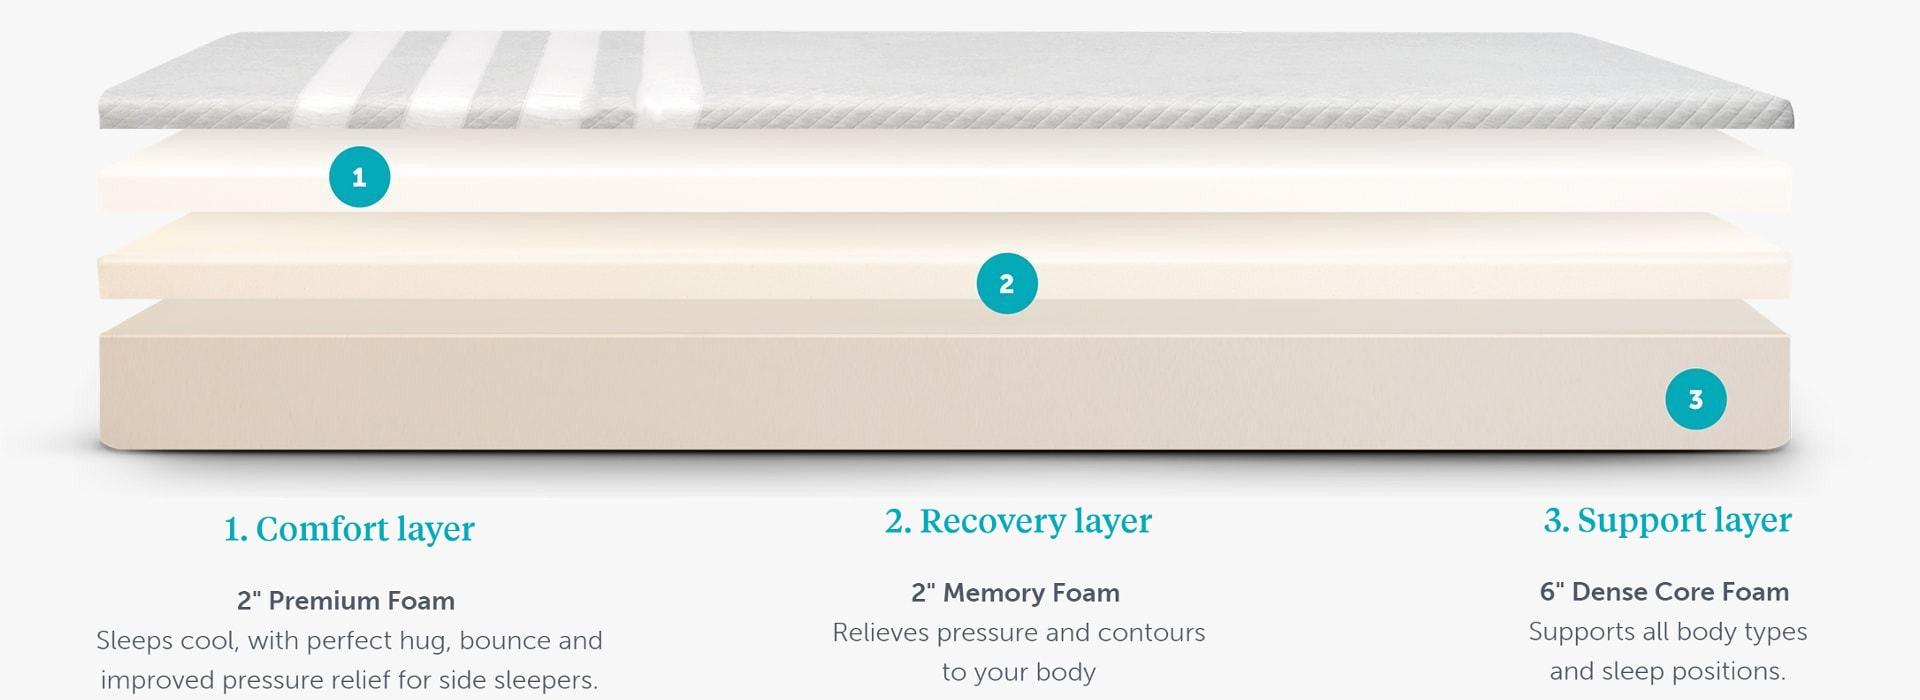 leesa mattress materials